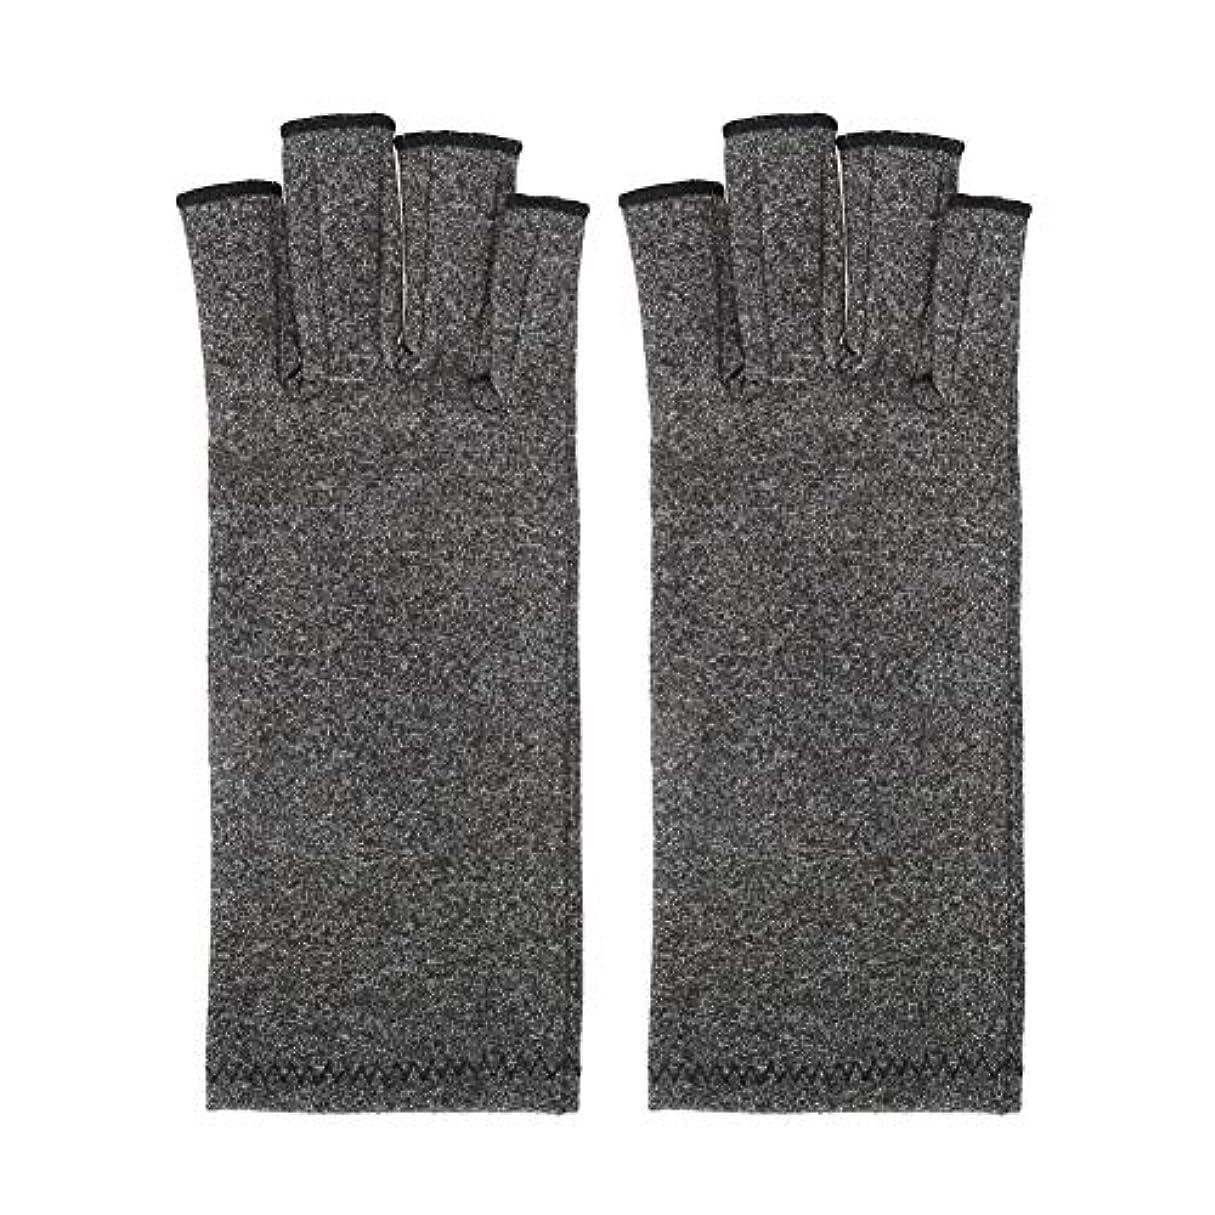 モール流産行政抗関節炎手袋抗関節炎ヘルスケアリハビリテーショントレーニング手袋圧縮療法リウマチ性疼痛